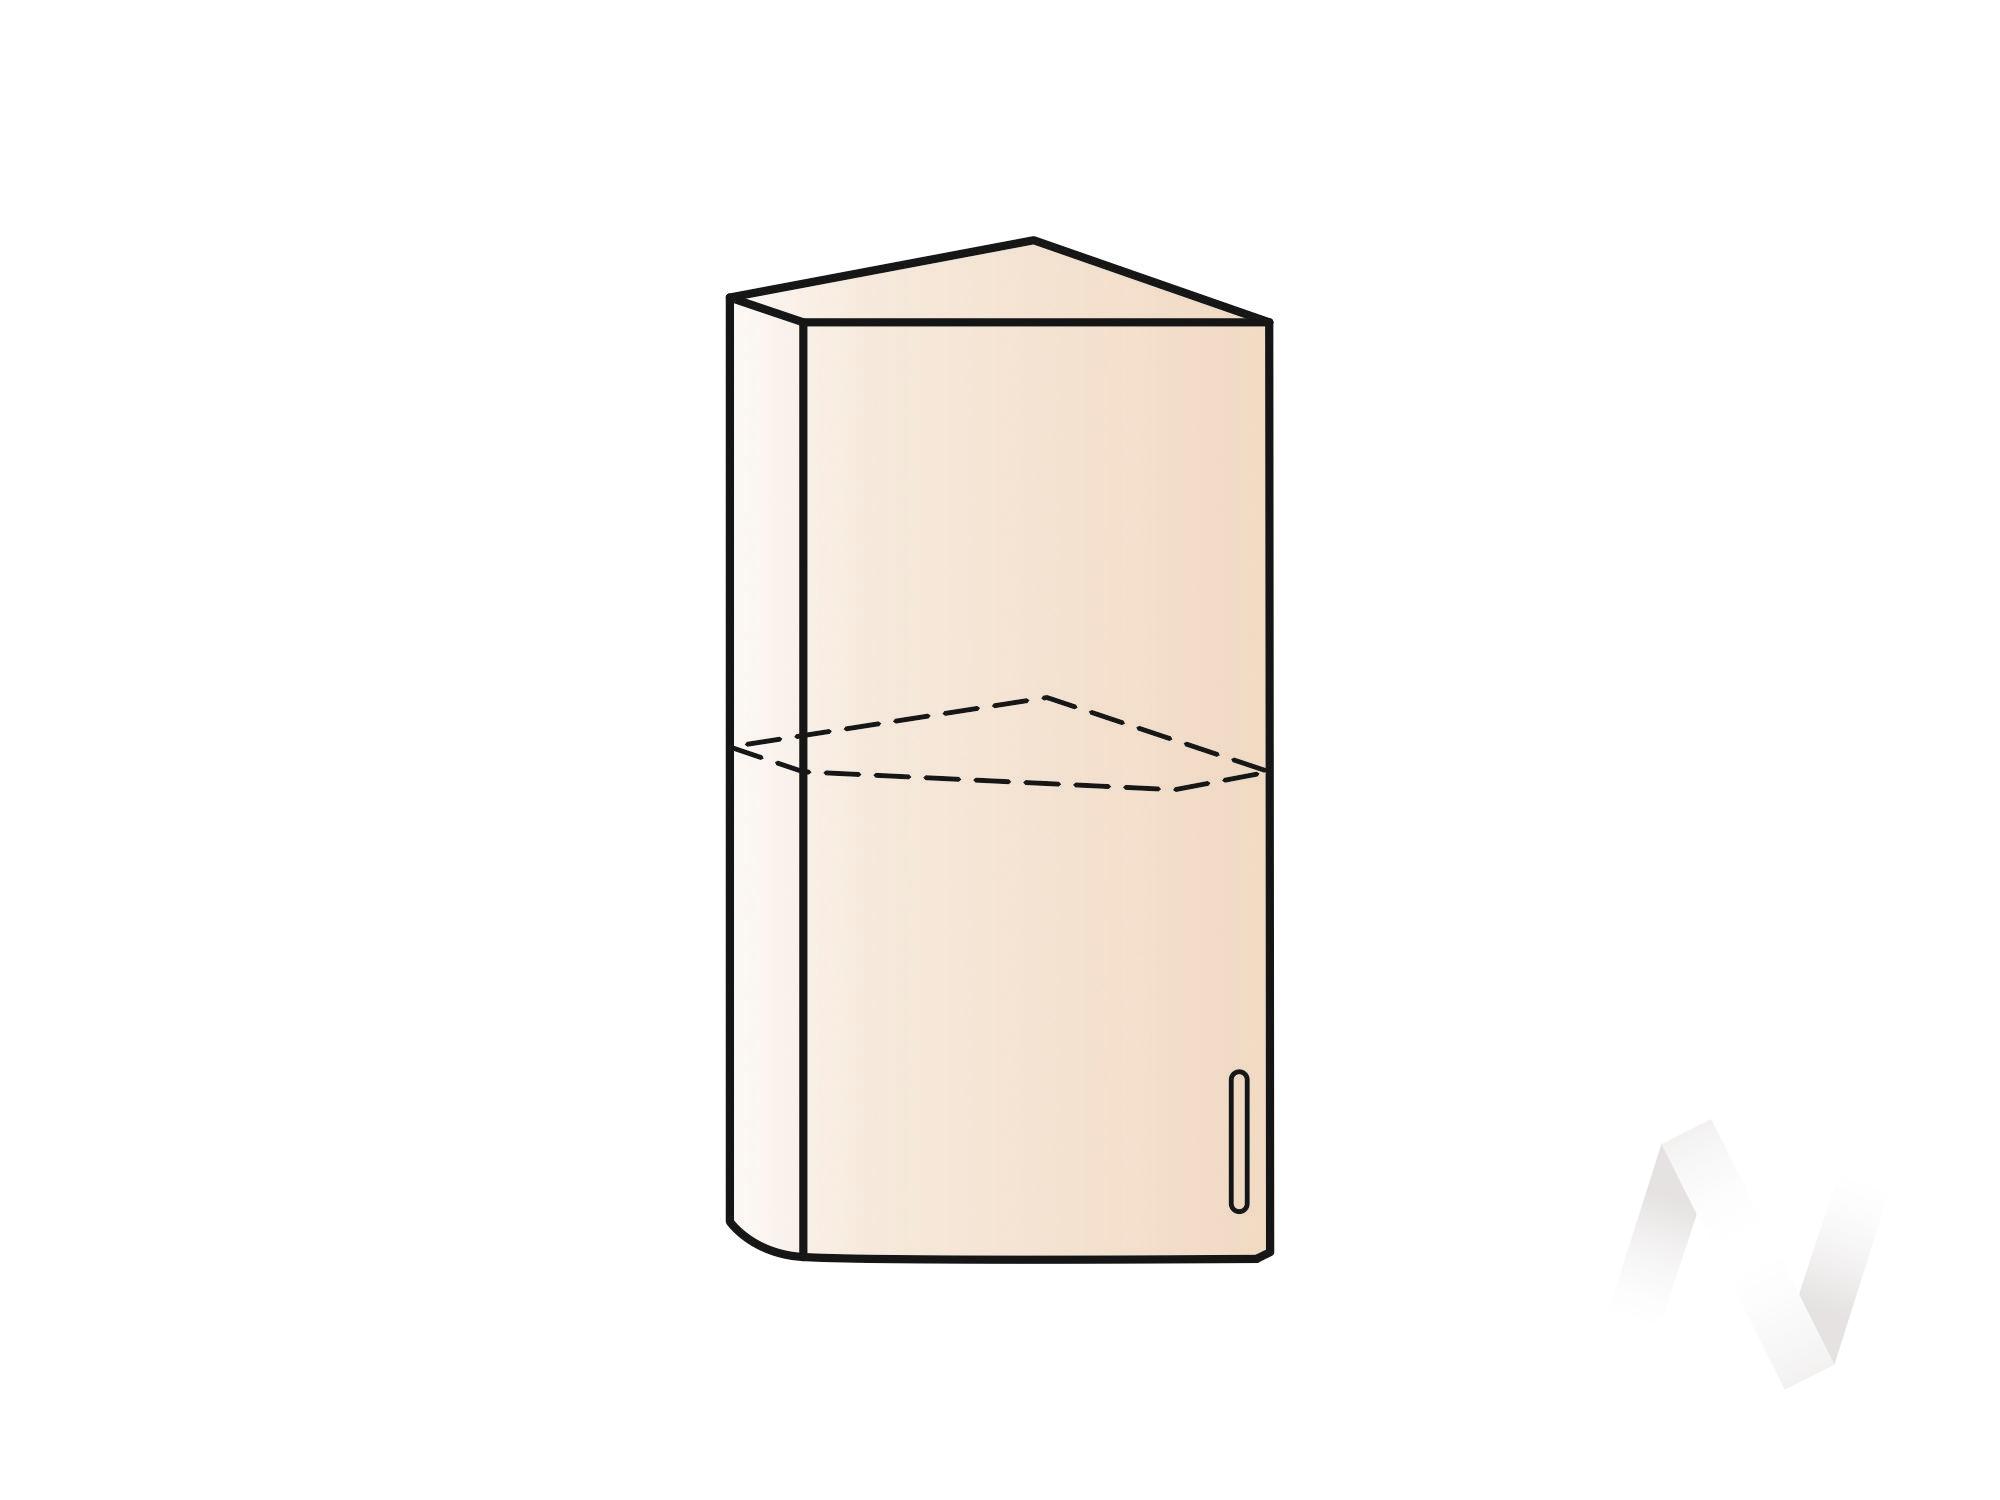 """Кухня """"Люкс"""": Шкаф верхний торцевой 224, ШВТ 224 (Шелк жемчуг/корпус белый) в Новосибирске в интернет-магазине мебели kuhnya54.ru"""